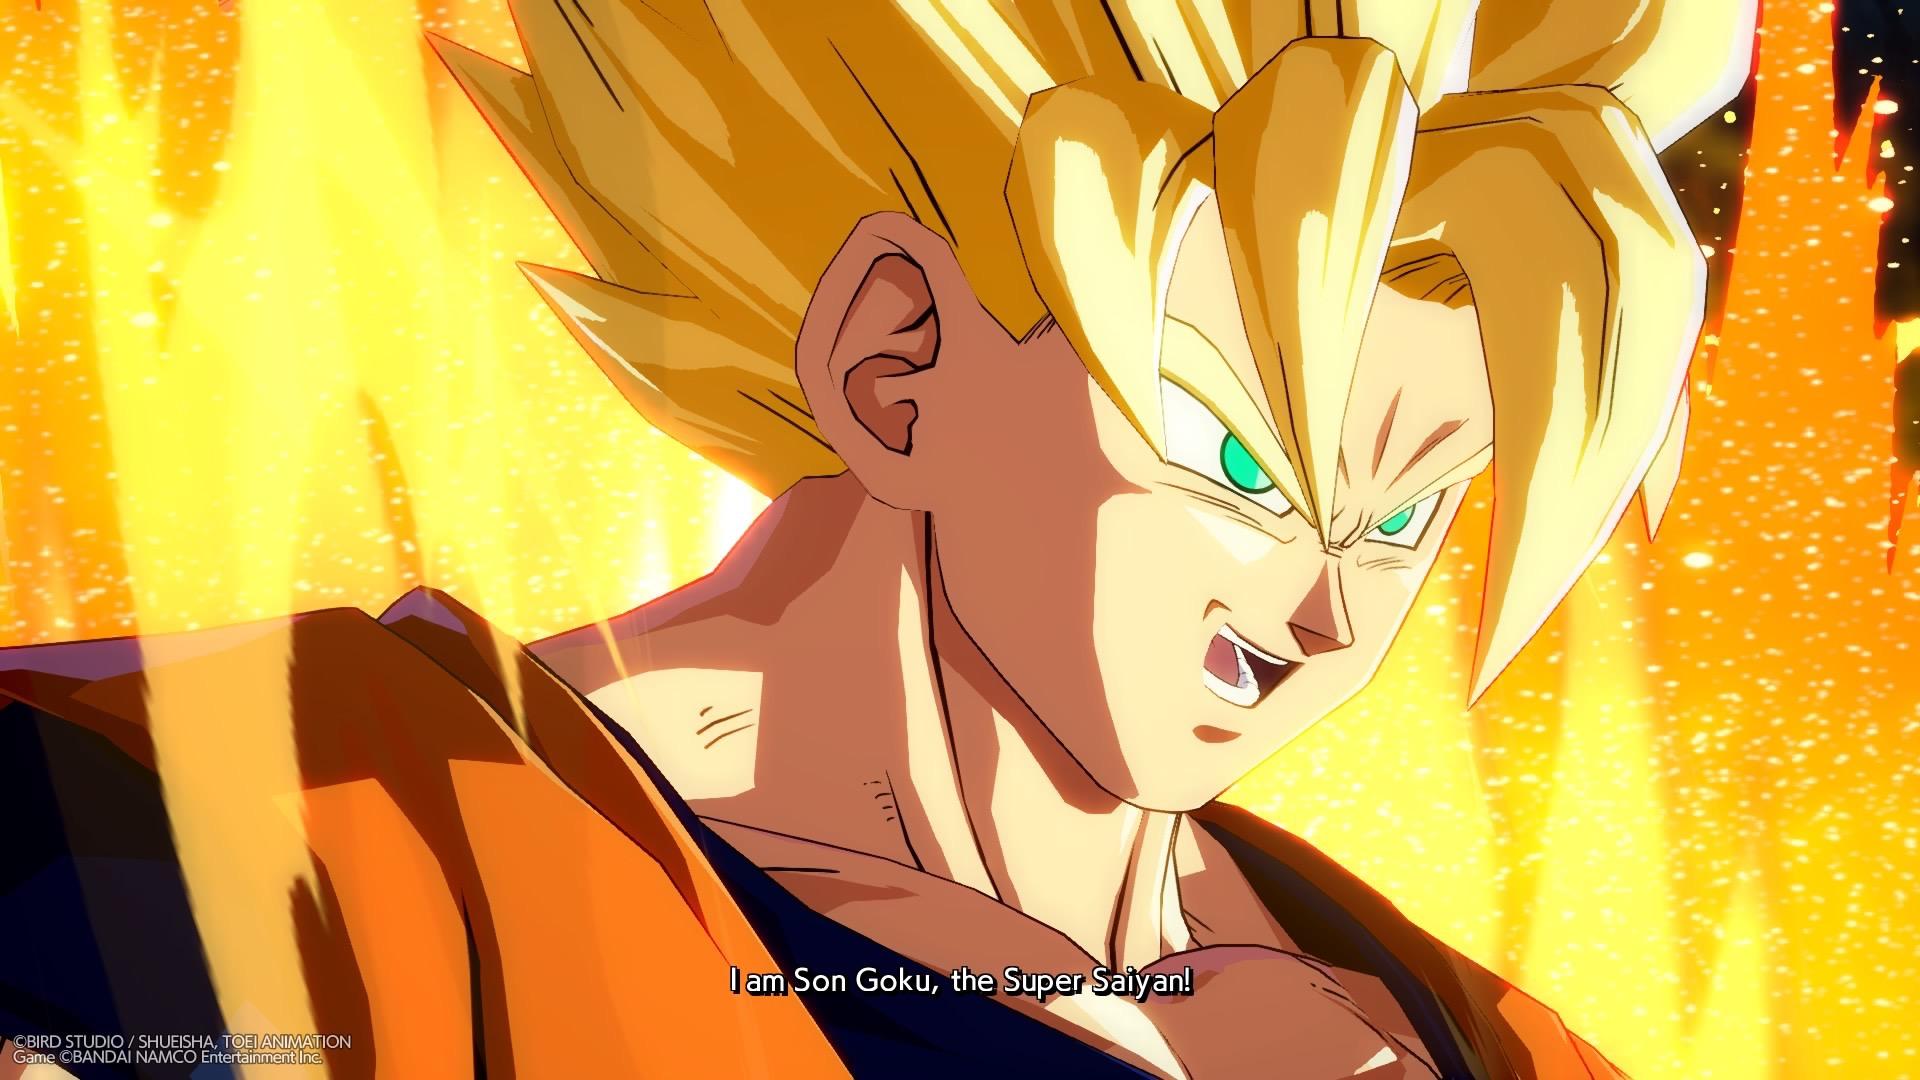 Stany Zjednoczone pięknie postawiły się Azjatom. Mistrz Dragon Ball FighterZ wygrał niczym Goku - najpierw dostał lanie